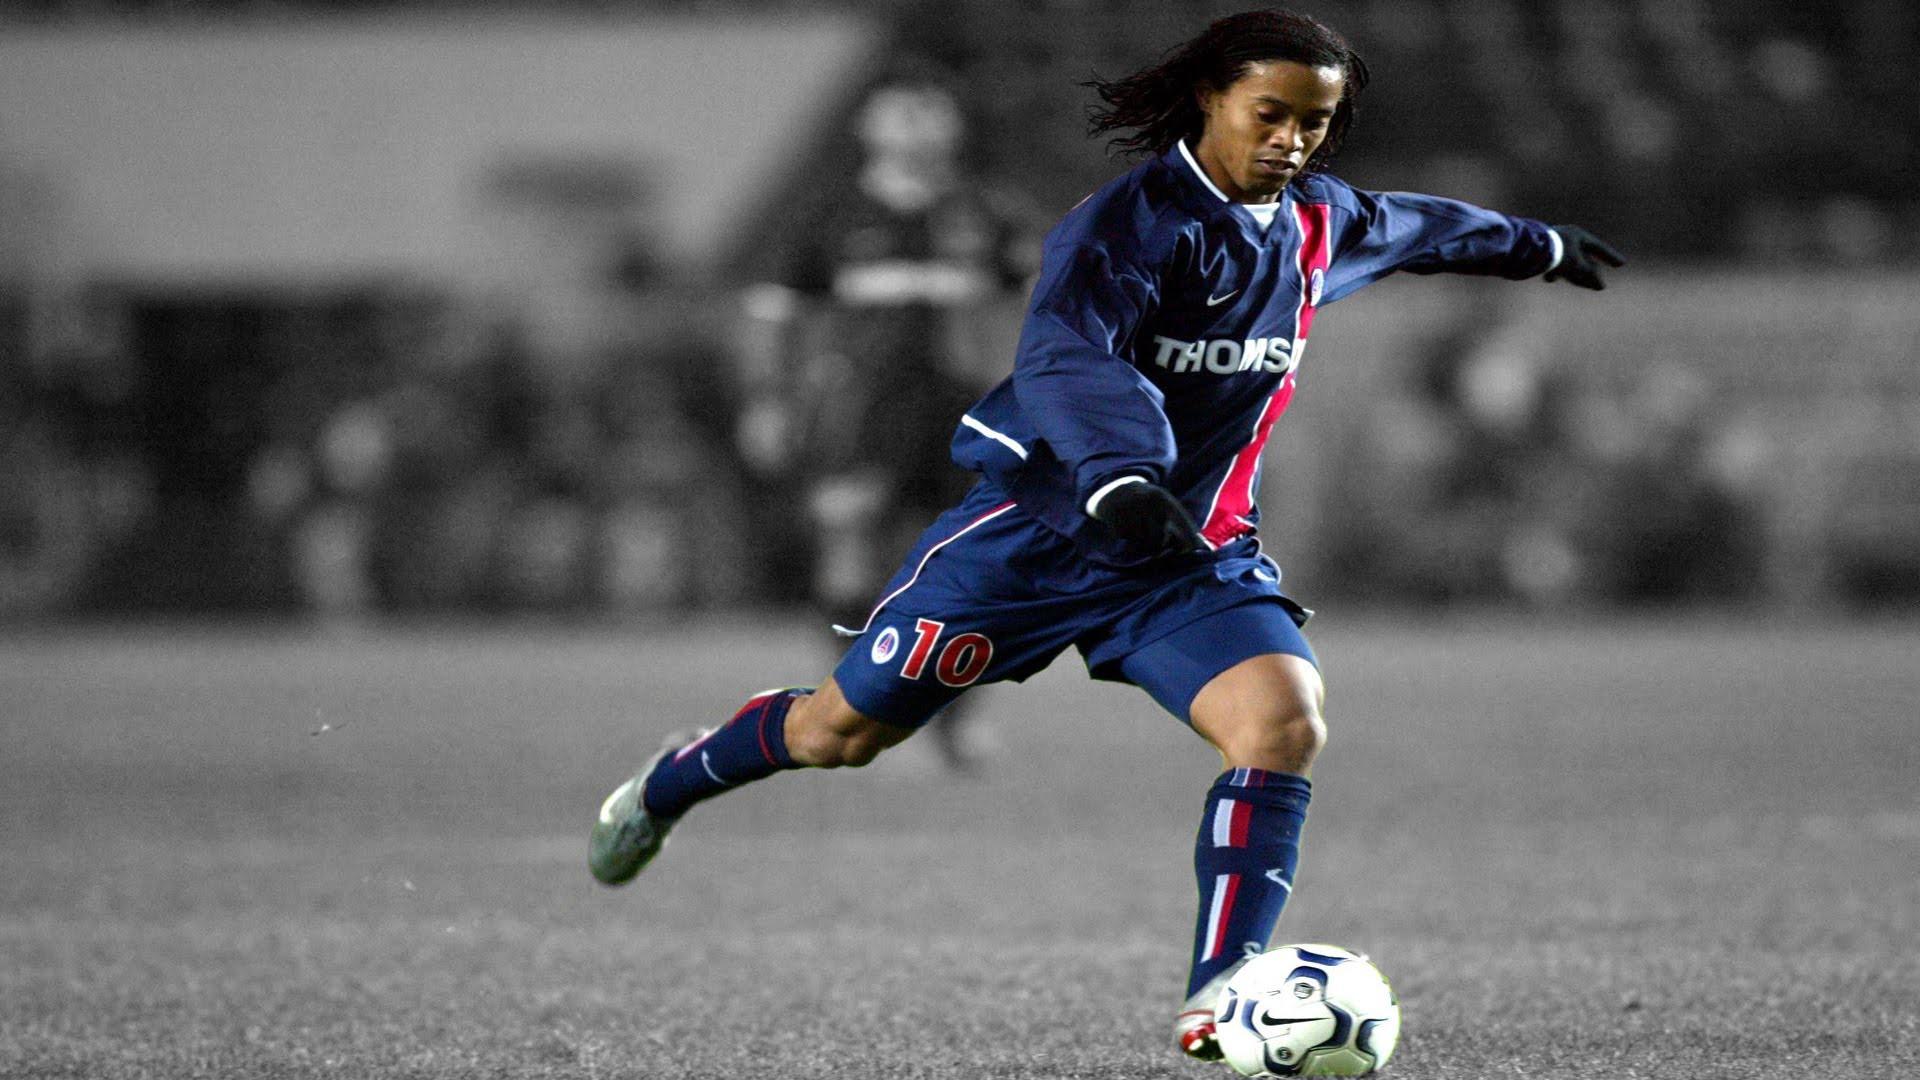 Bóng đá là hành trình thỏa niềm vui: Thế giới từng có một Ronaldinho như thế - Ảnh 10.